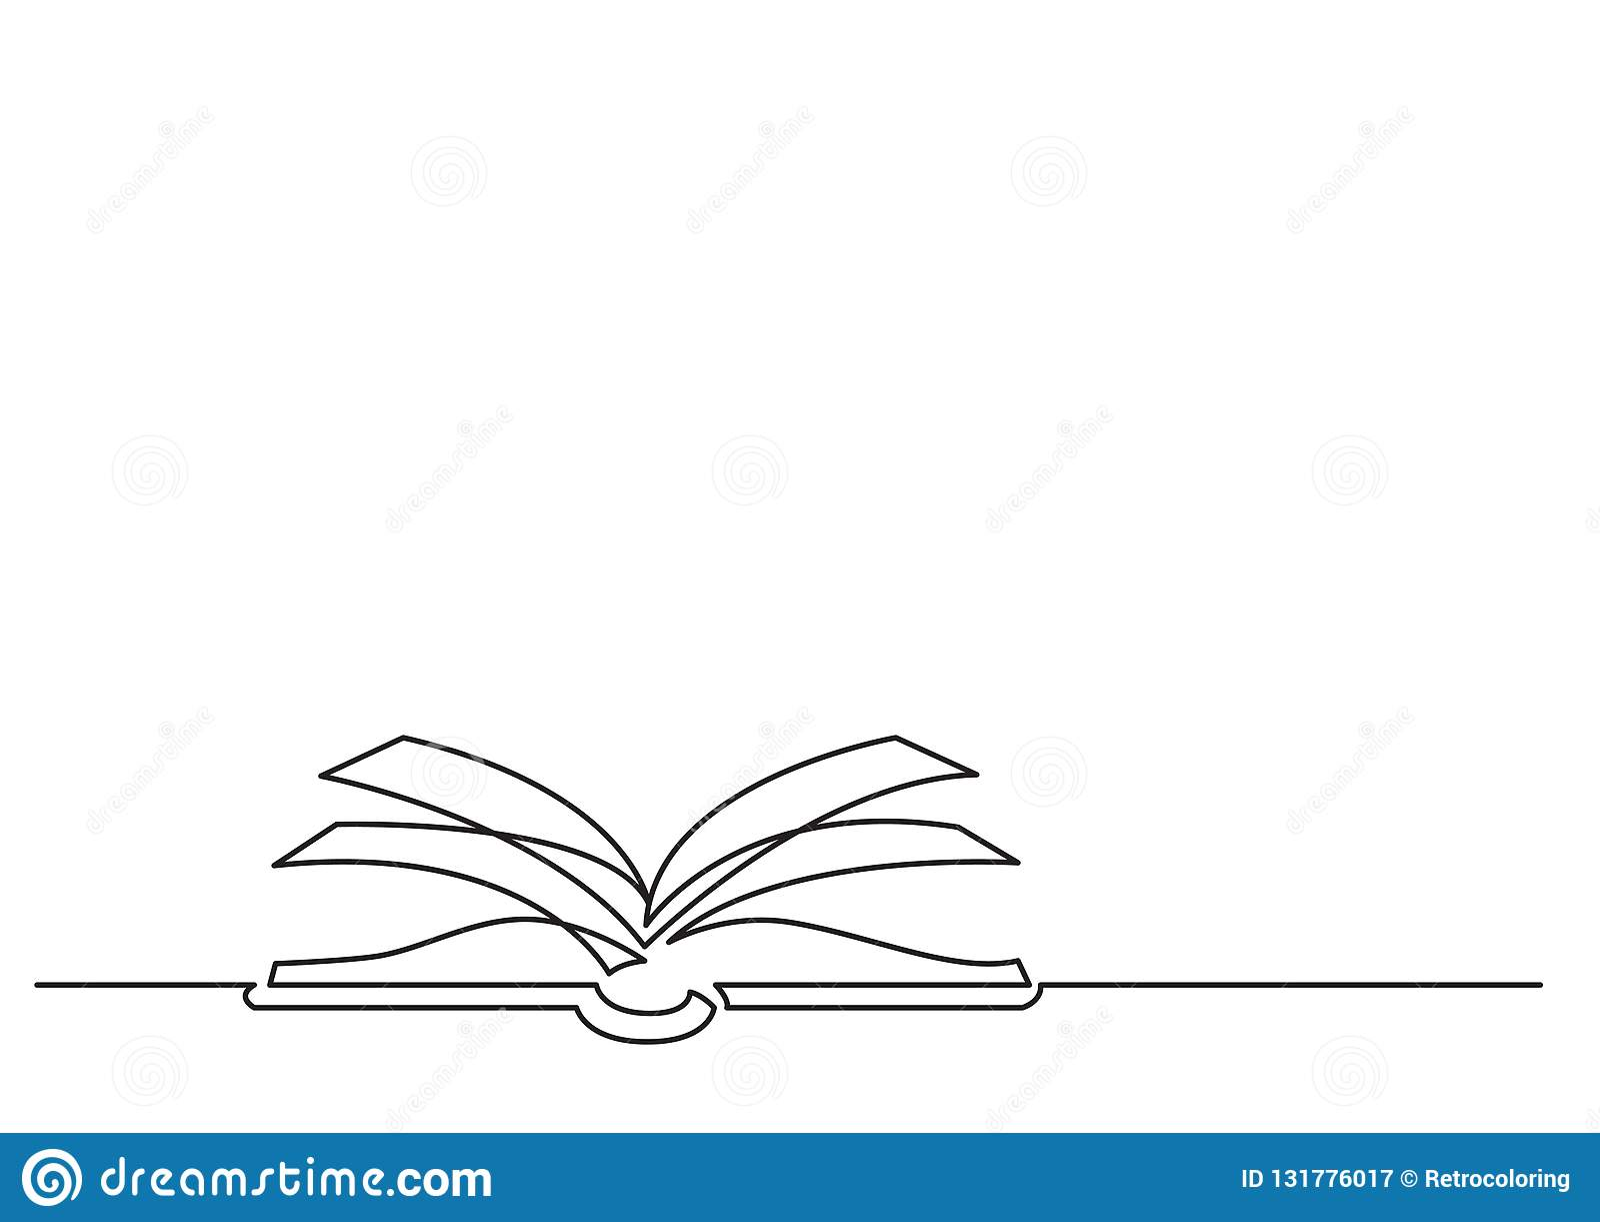 En linje teckning av isolerat vektorobjekt - öppen bok